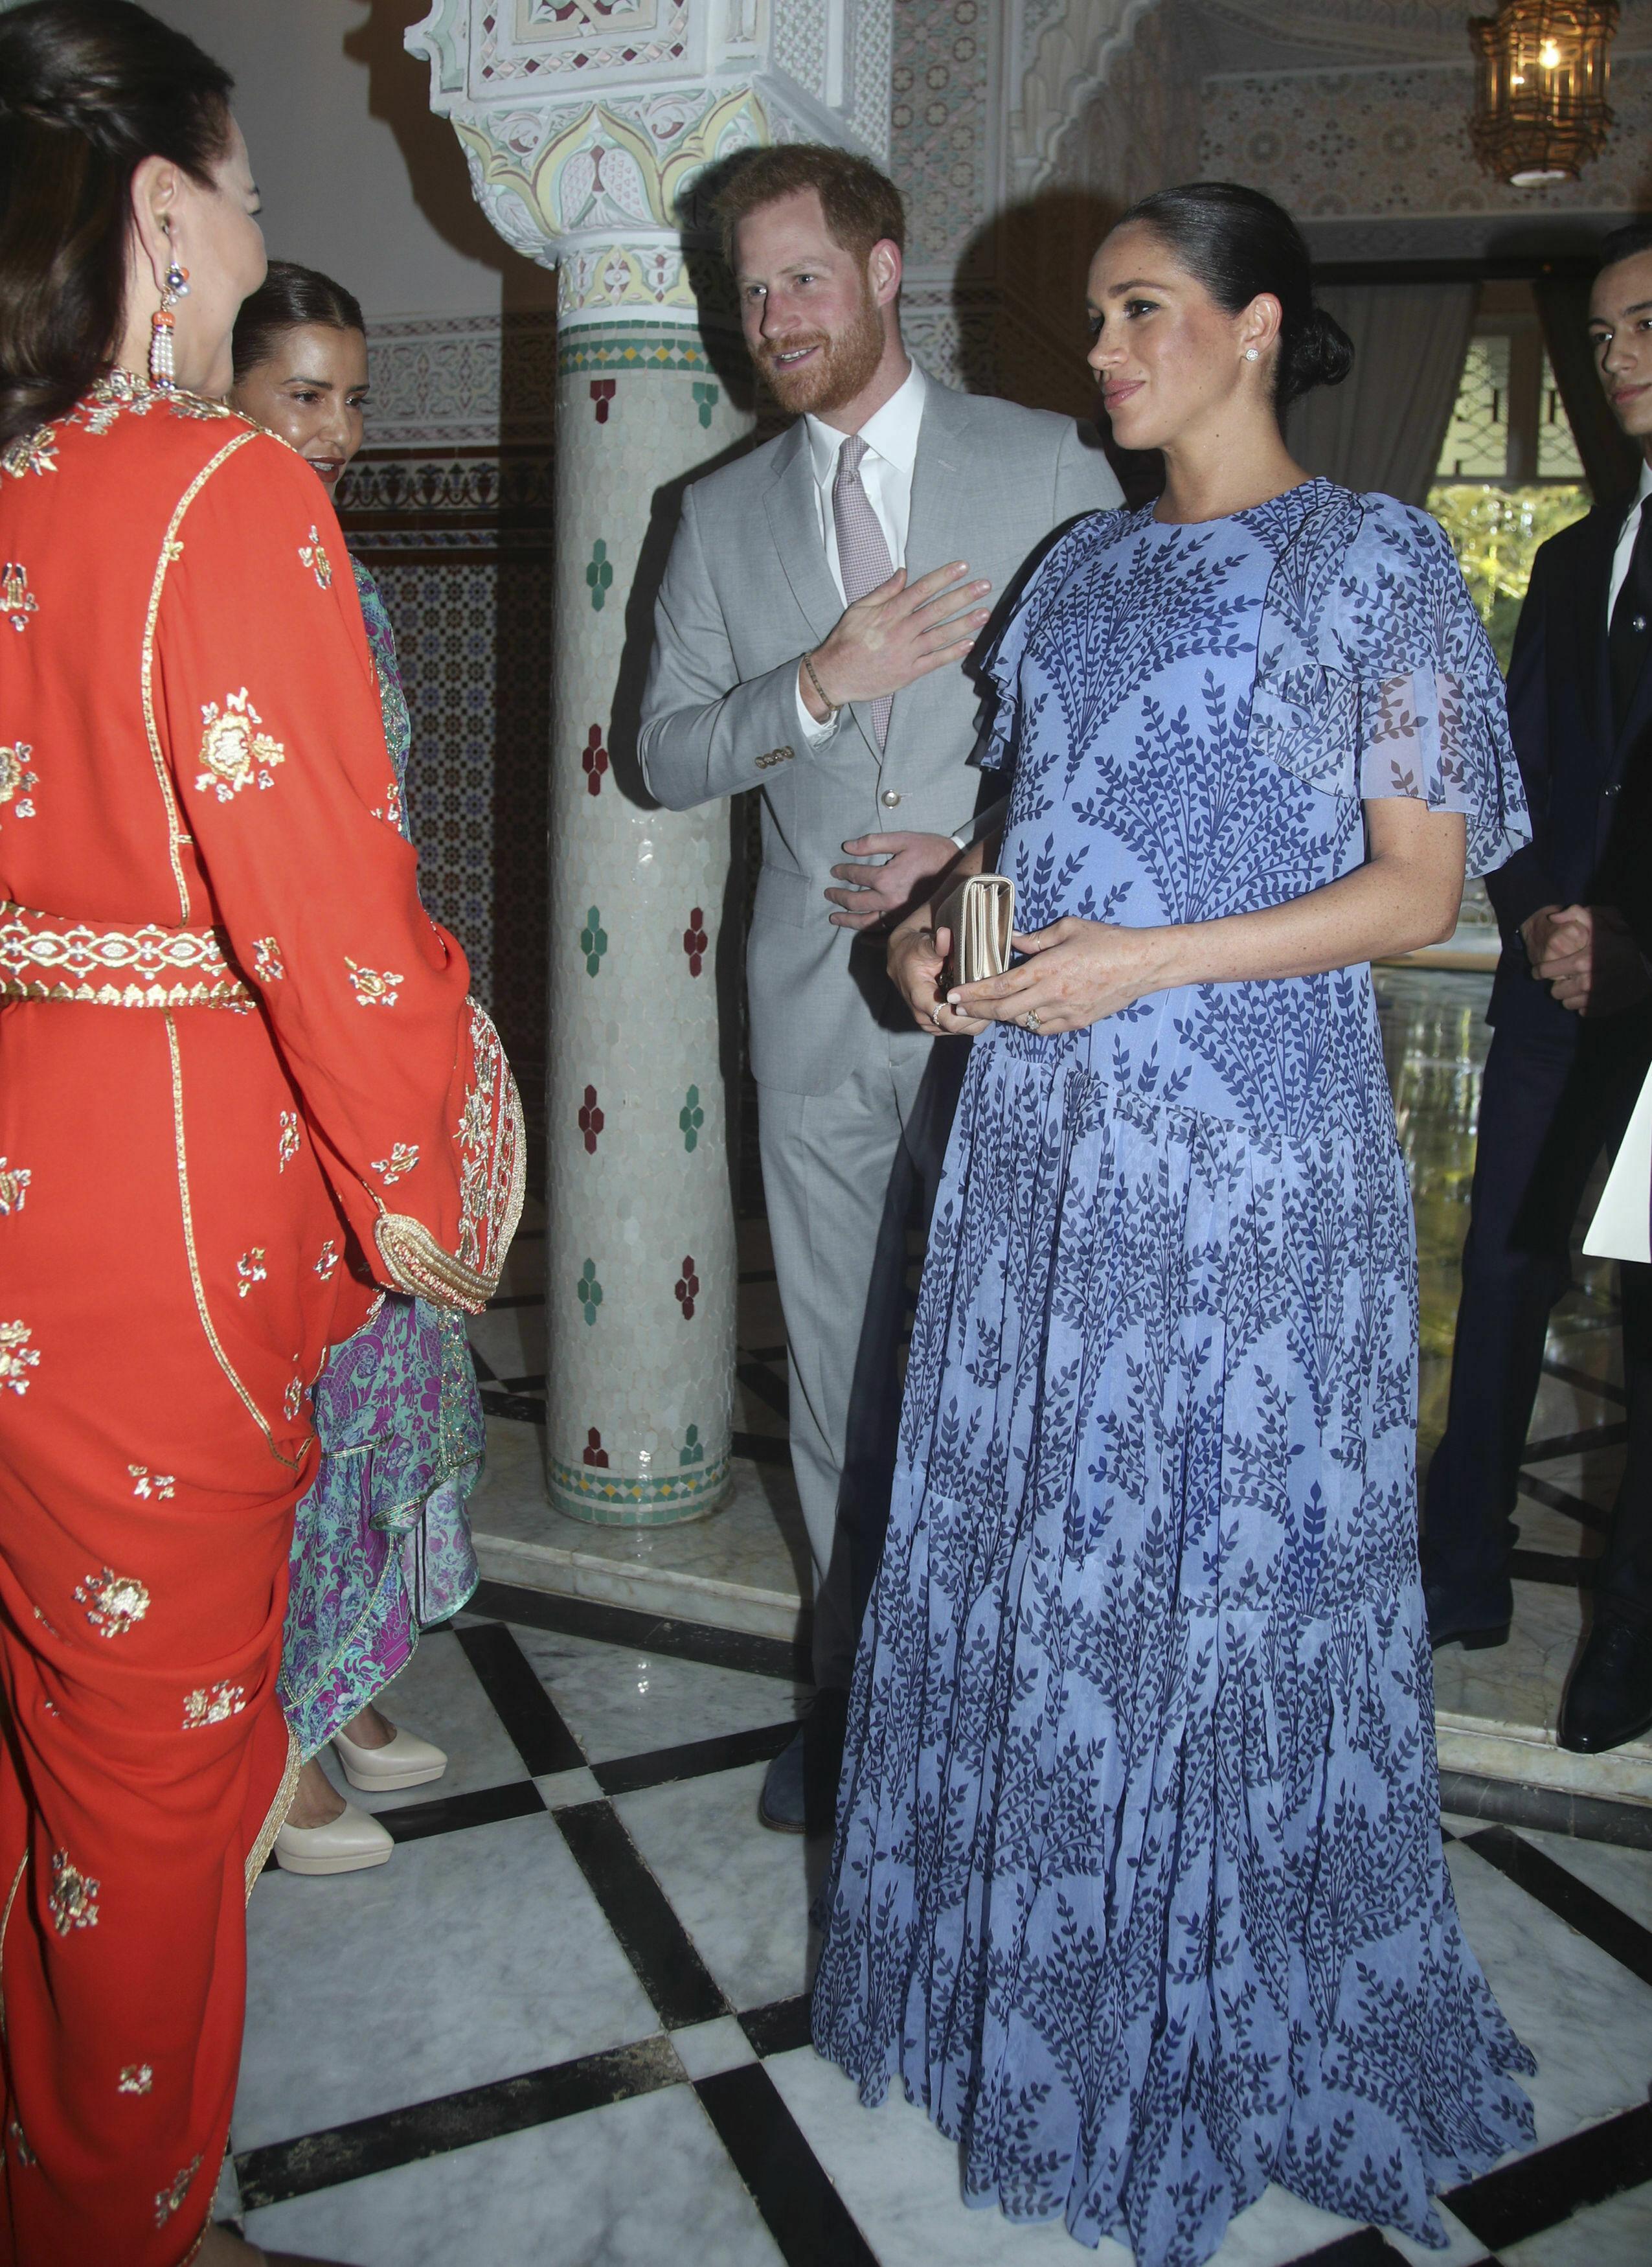 Durante el viaje a Marruecos también selección un vestido largo de manchas anchas de Carolina herrera para reunirse con la realeza marroquí. (Archivo)